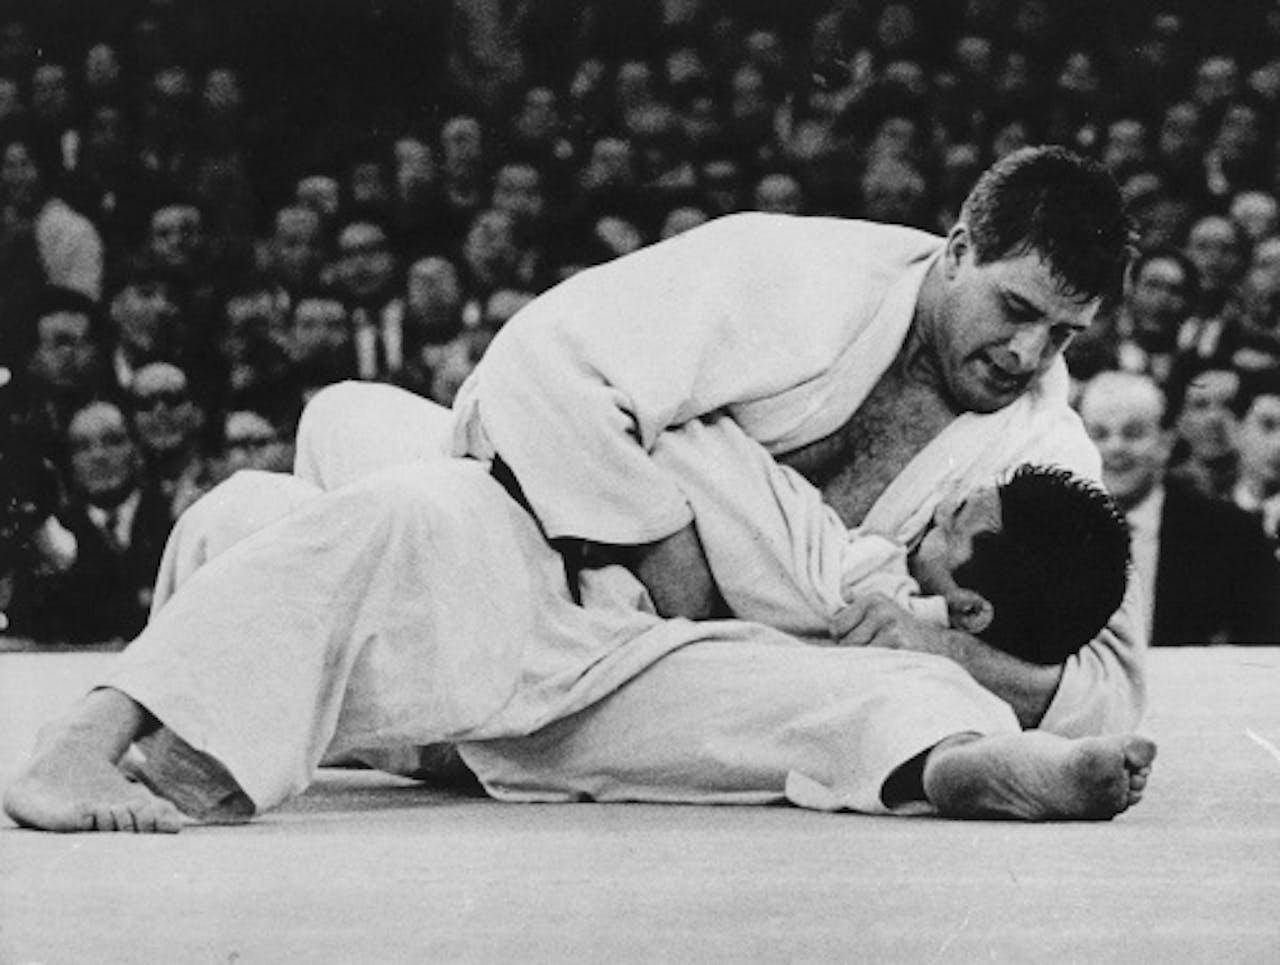 Anton Geesink houdt de Japanner Kaminaga in de houdgreep en verovert Olympisch goud in Tokio in 1964 (ANP)